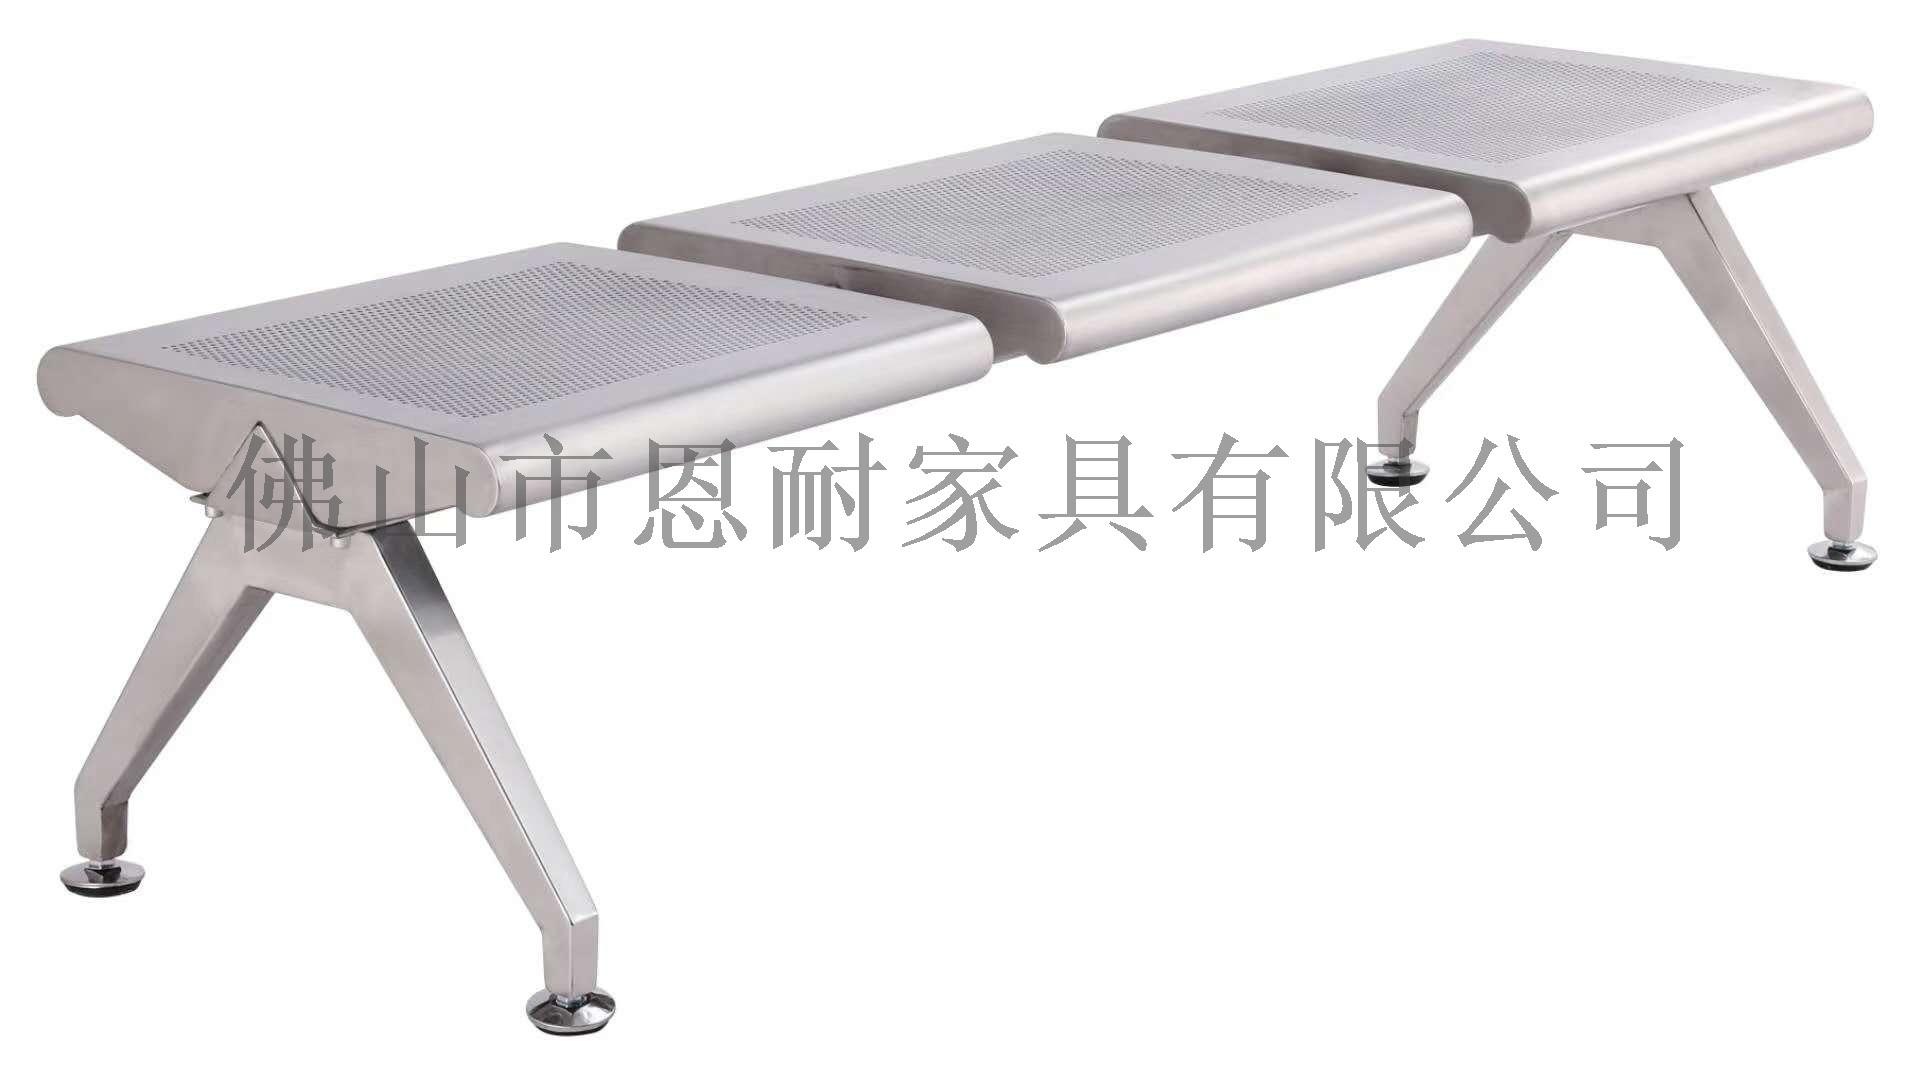 不锈钢排椅 不锈钢排椅图片 不锈钢平板椅厂家932655845